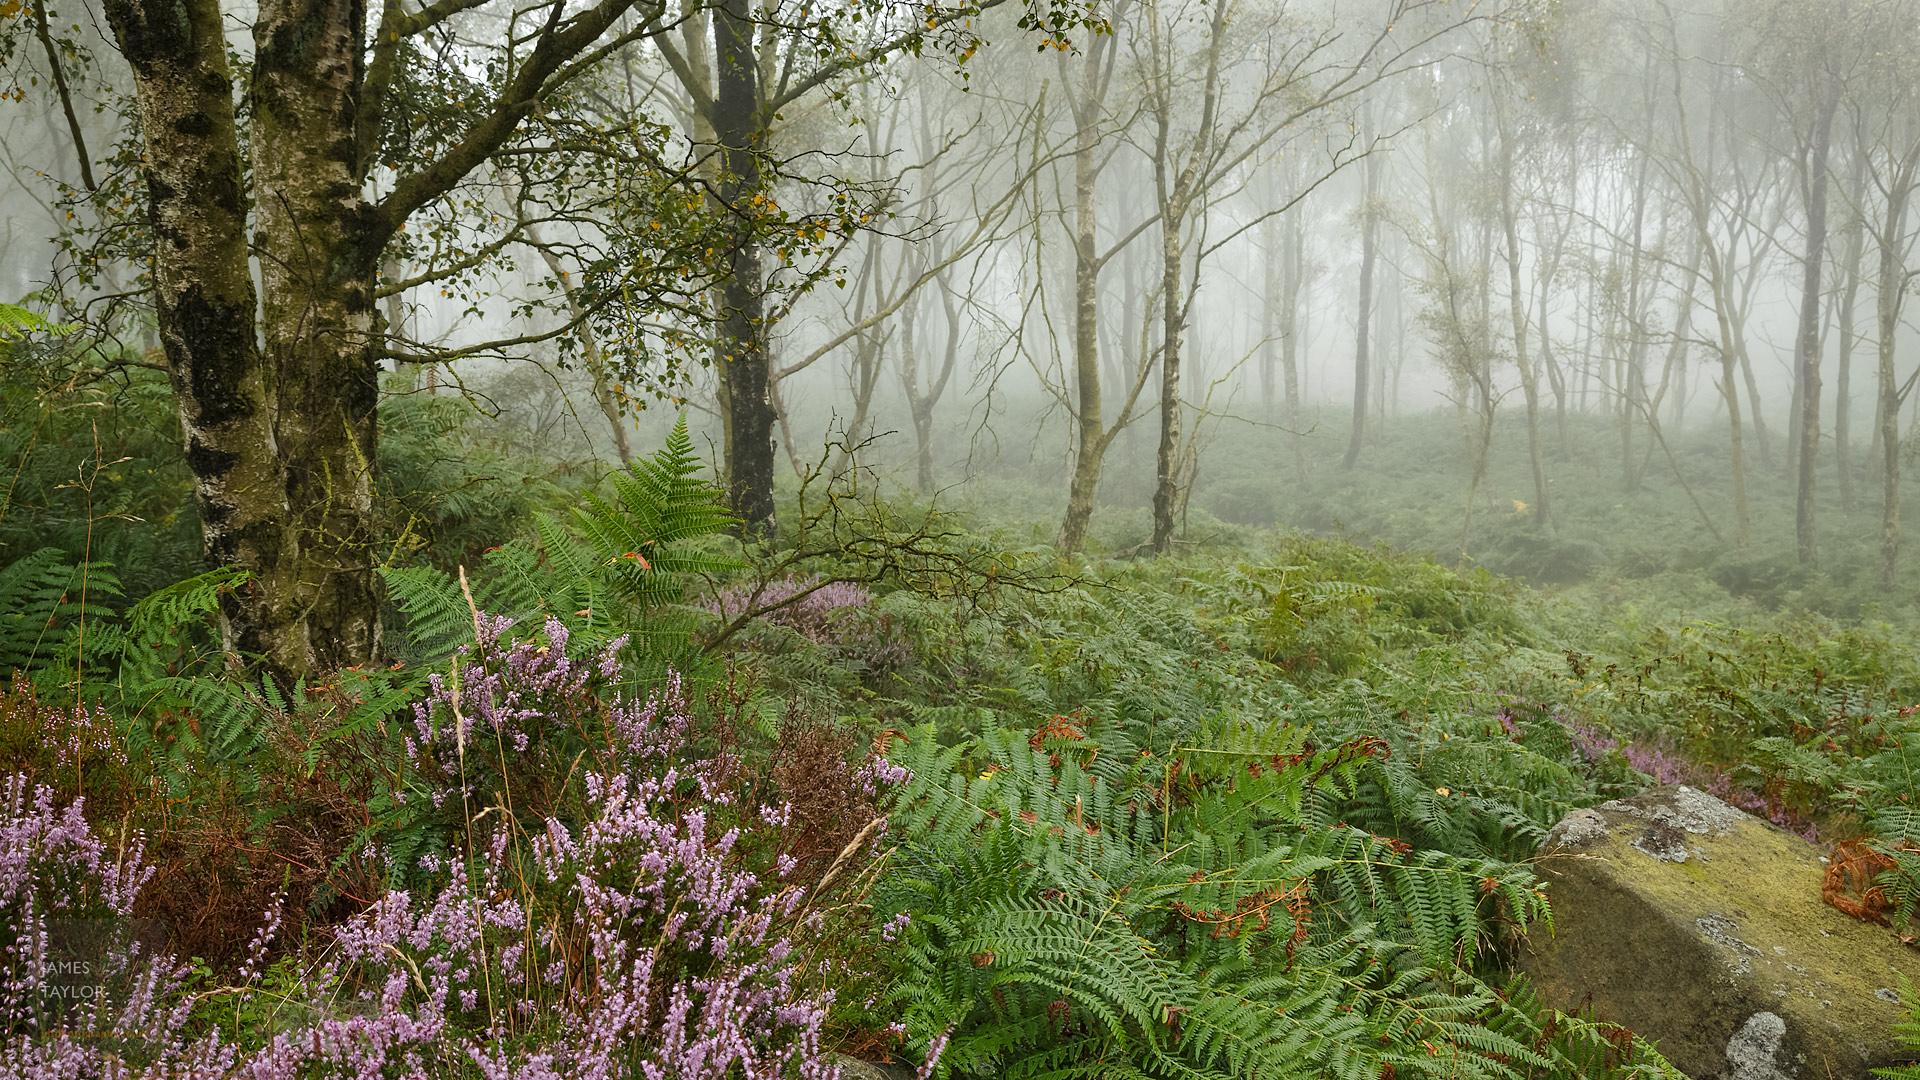 jdtphotography.co.uk foggy woods